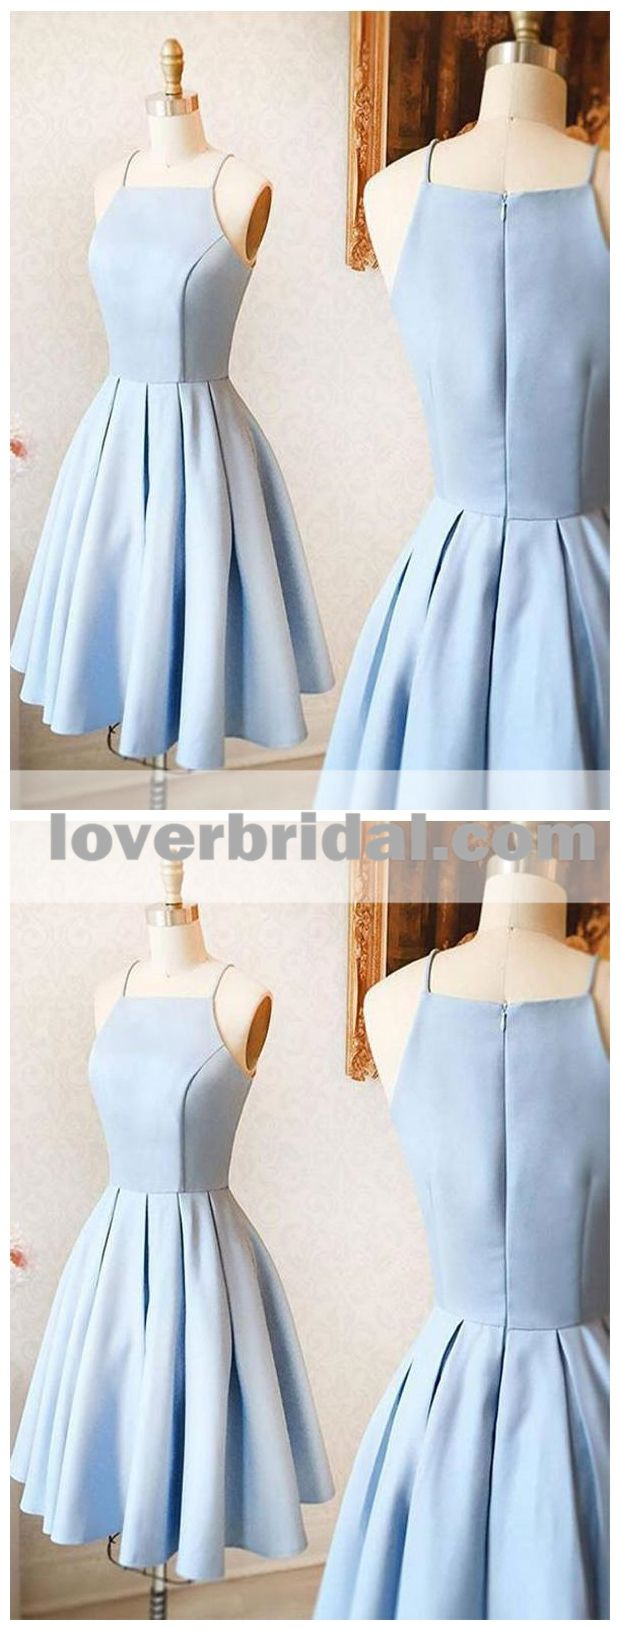 Simple light blue spaghetti straps short homecoing dresses under